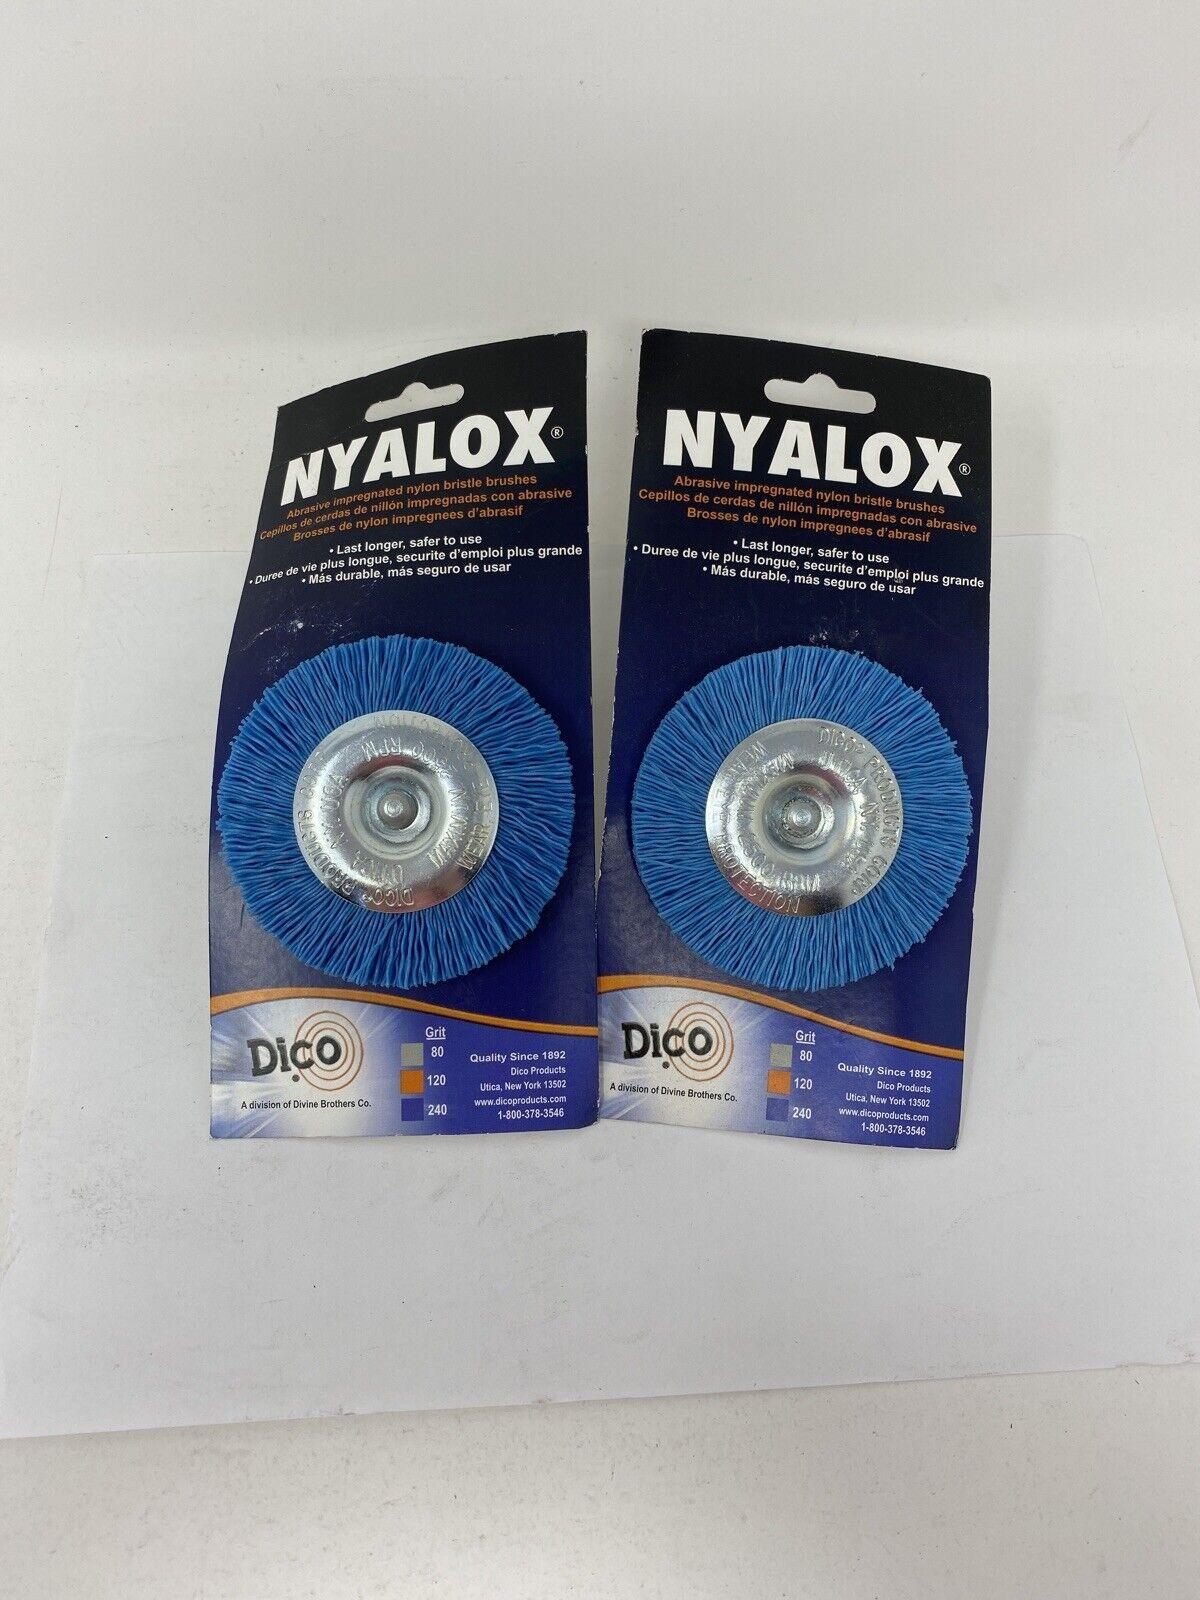 Dia Fine Crimped  Wire Wheel Brush  2500 rpm Nyalox Dico  3 in